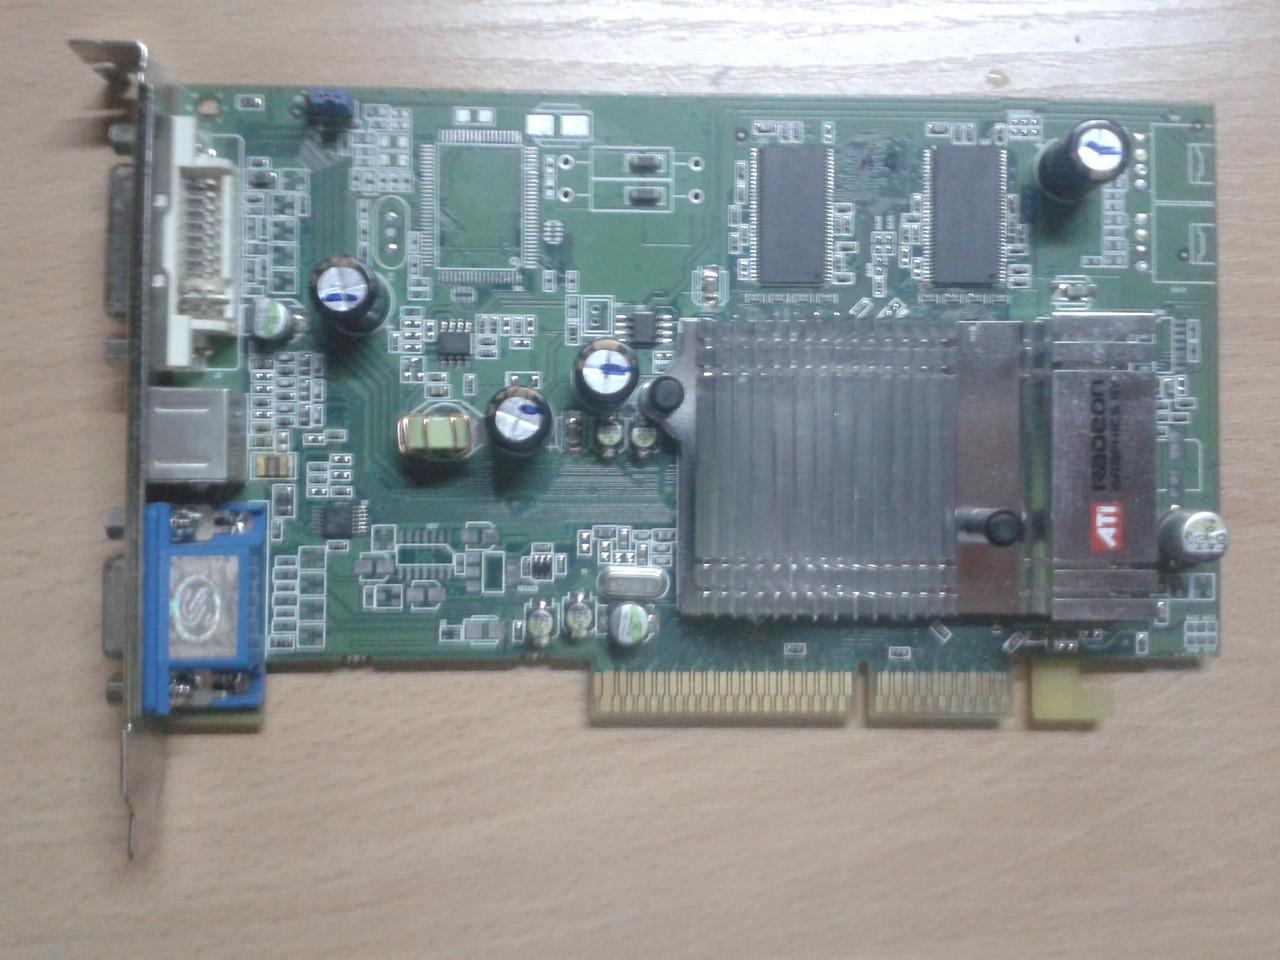 Купить видеокарту ddr agp x8 купить видеокарту nvidia geforce 8600 gt 512 мб